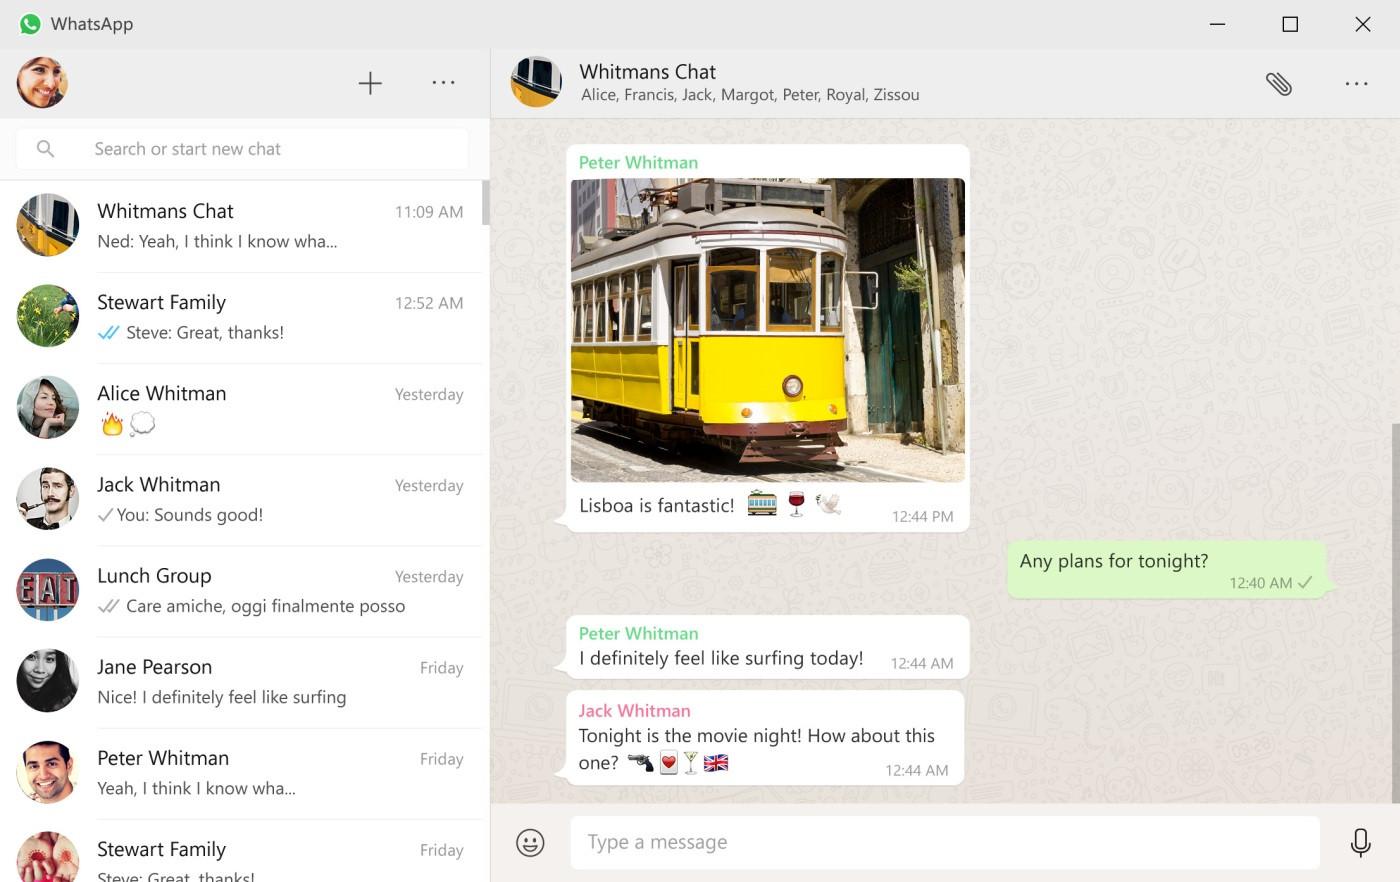 1462948526_whatsapp-desktop-1400.jpg